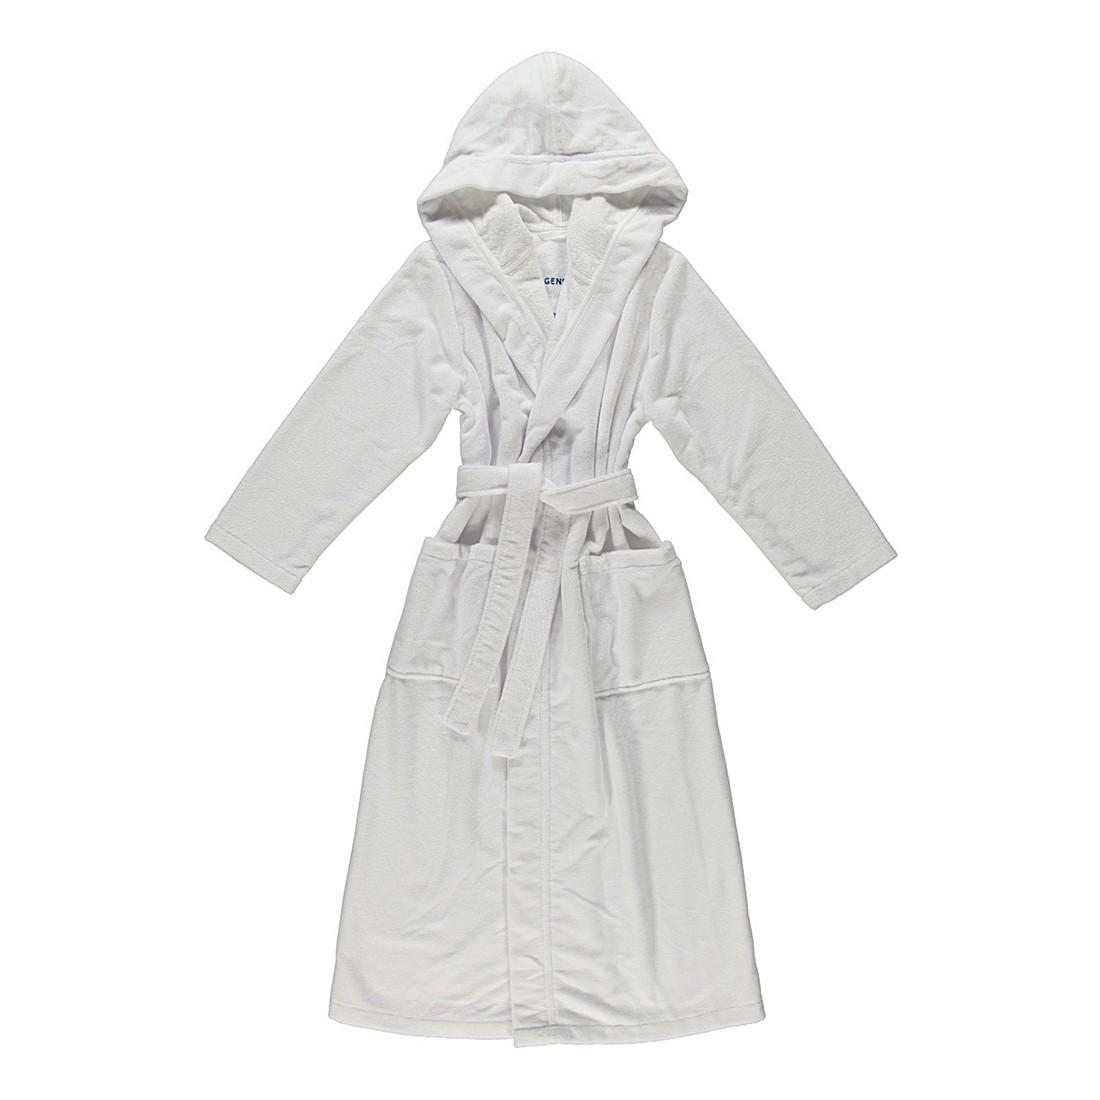 Bademantel Geena – Damen – Multifaser – 40% Polyester – 30% Baumwolle – 30% Viskose Weiß – Größe: L, Morgenstern günstig